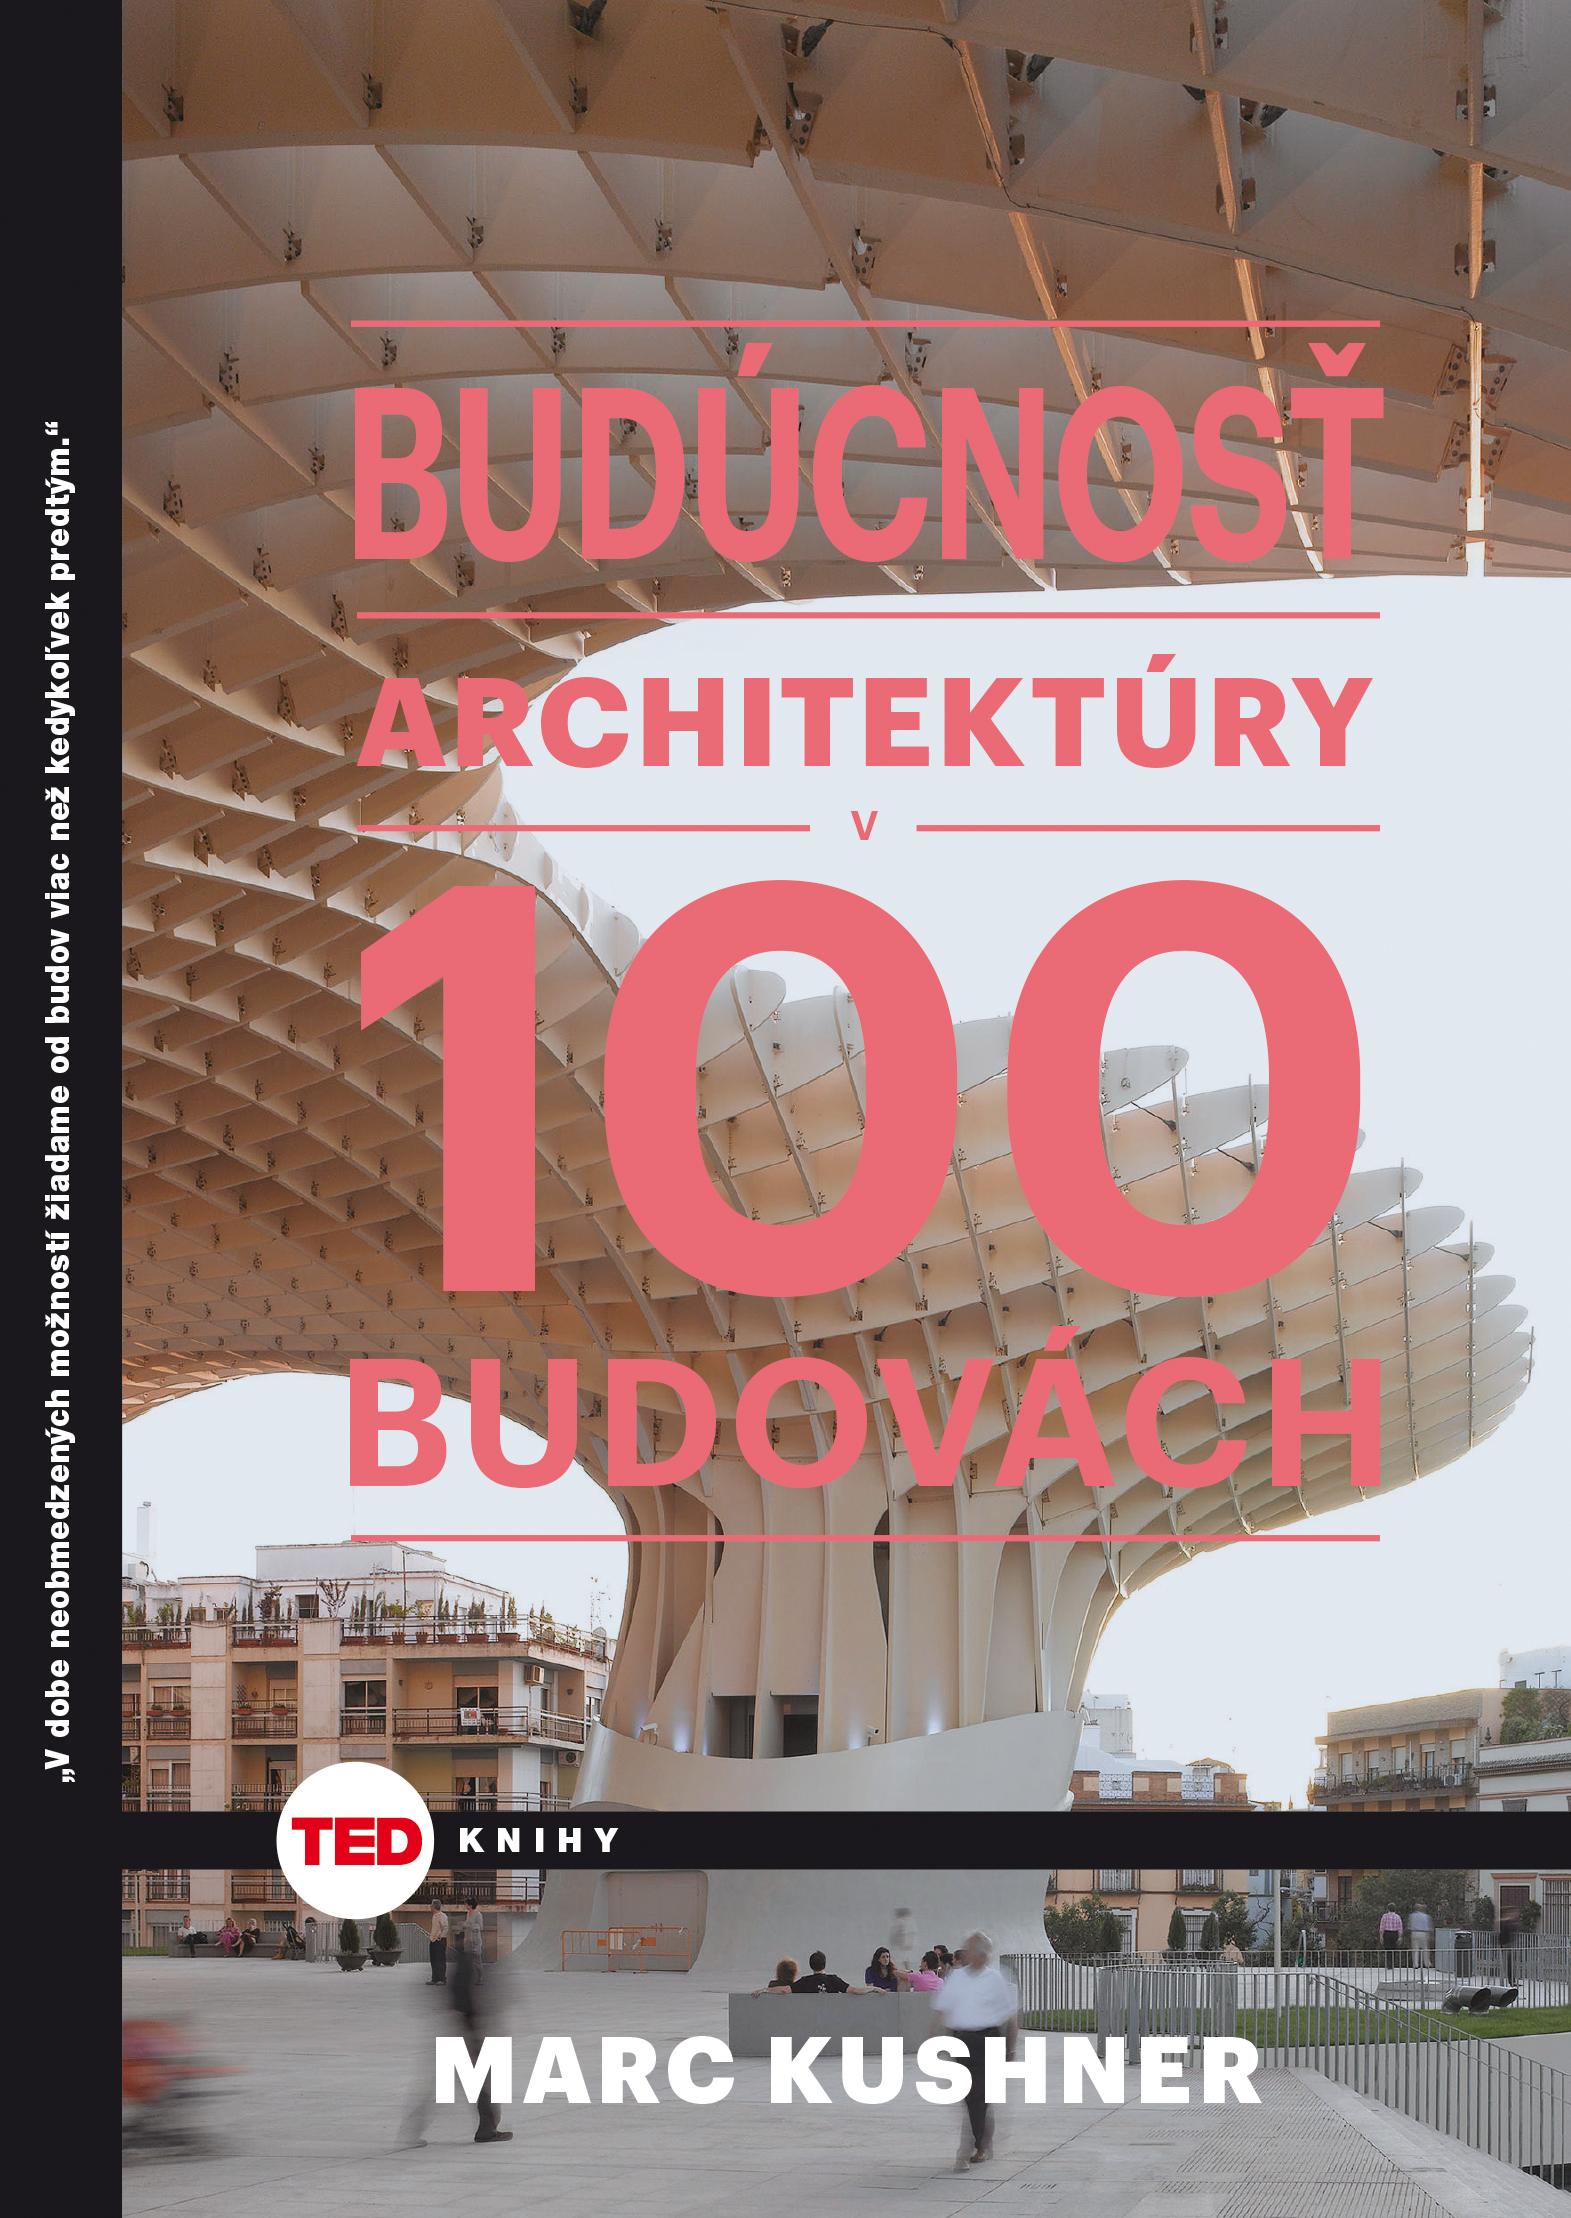 4a5020860 Je tu štvrtá kniha zo série TED knihy, ktorá v malých knižkách prináša  veľké myšlienky. TED príspevok Marca Kuschnera, autora knižky Budúcnosť  architektúry ...